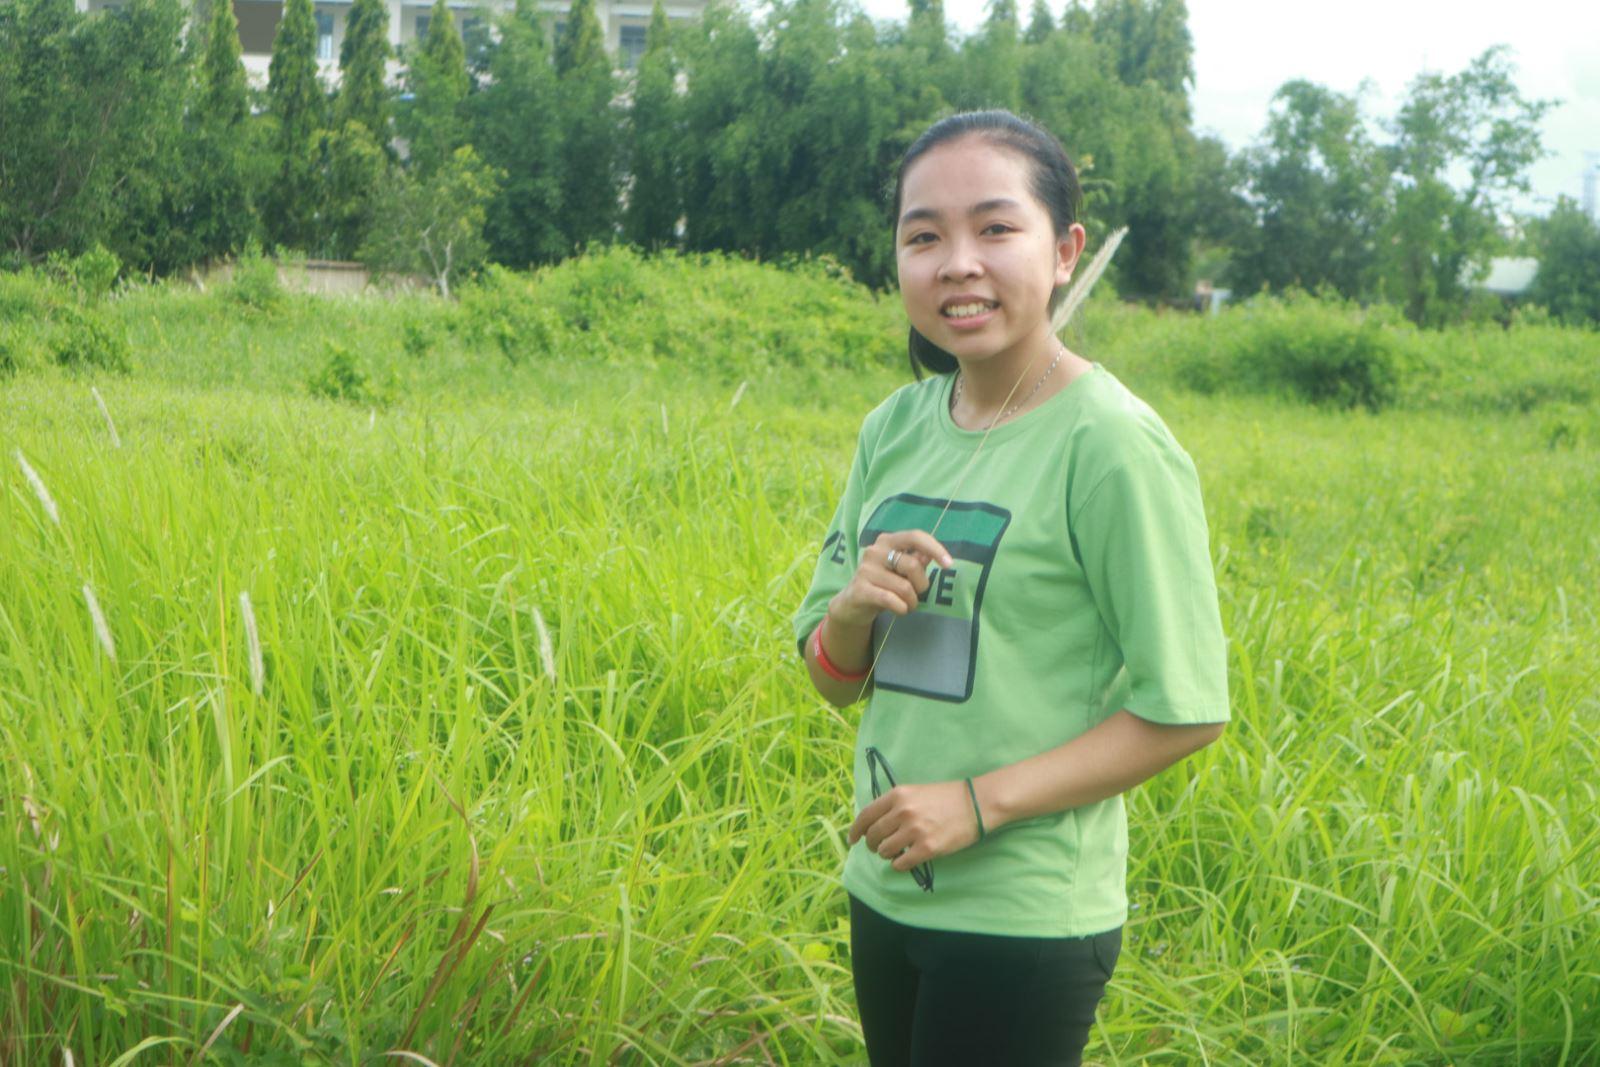 Sinh viên Phân hiệu ĐHQG-HCM tại tỉnh Bến Tre hào hứng với lớp học nhiếp ảnh căn bản